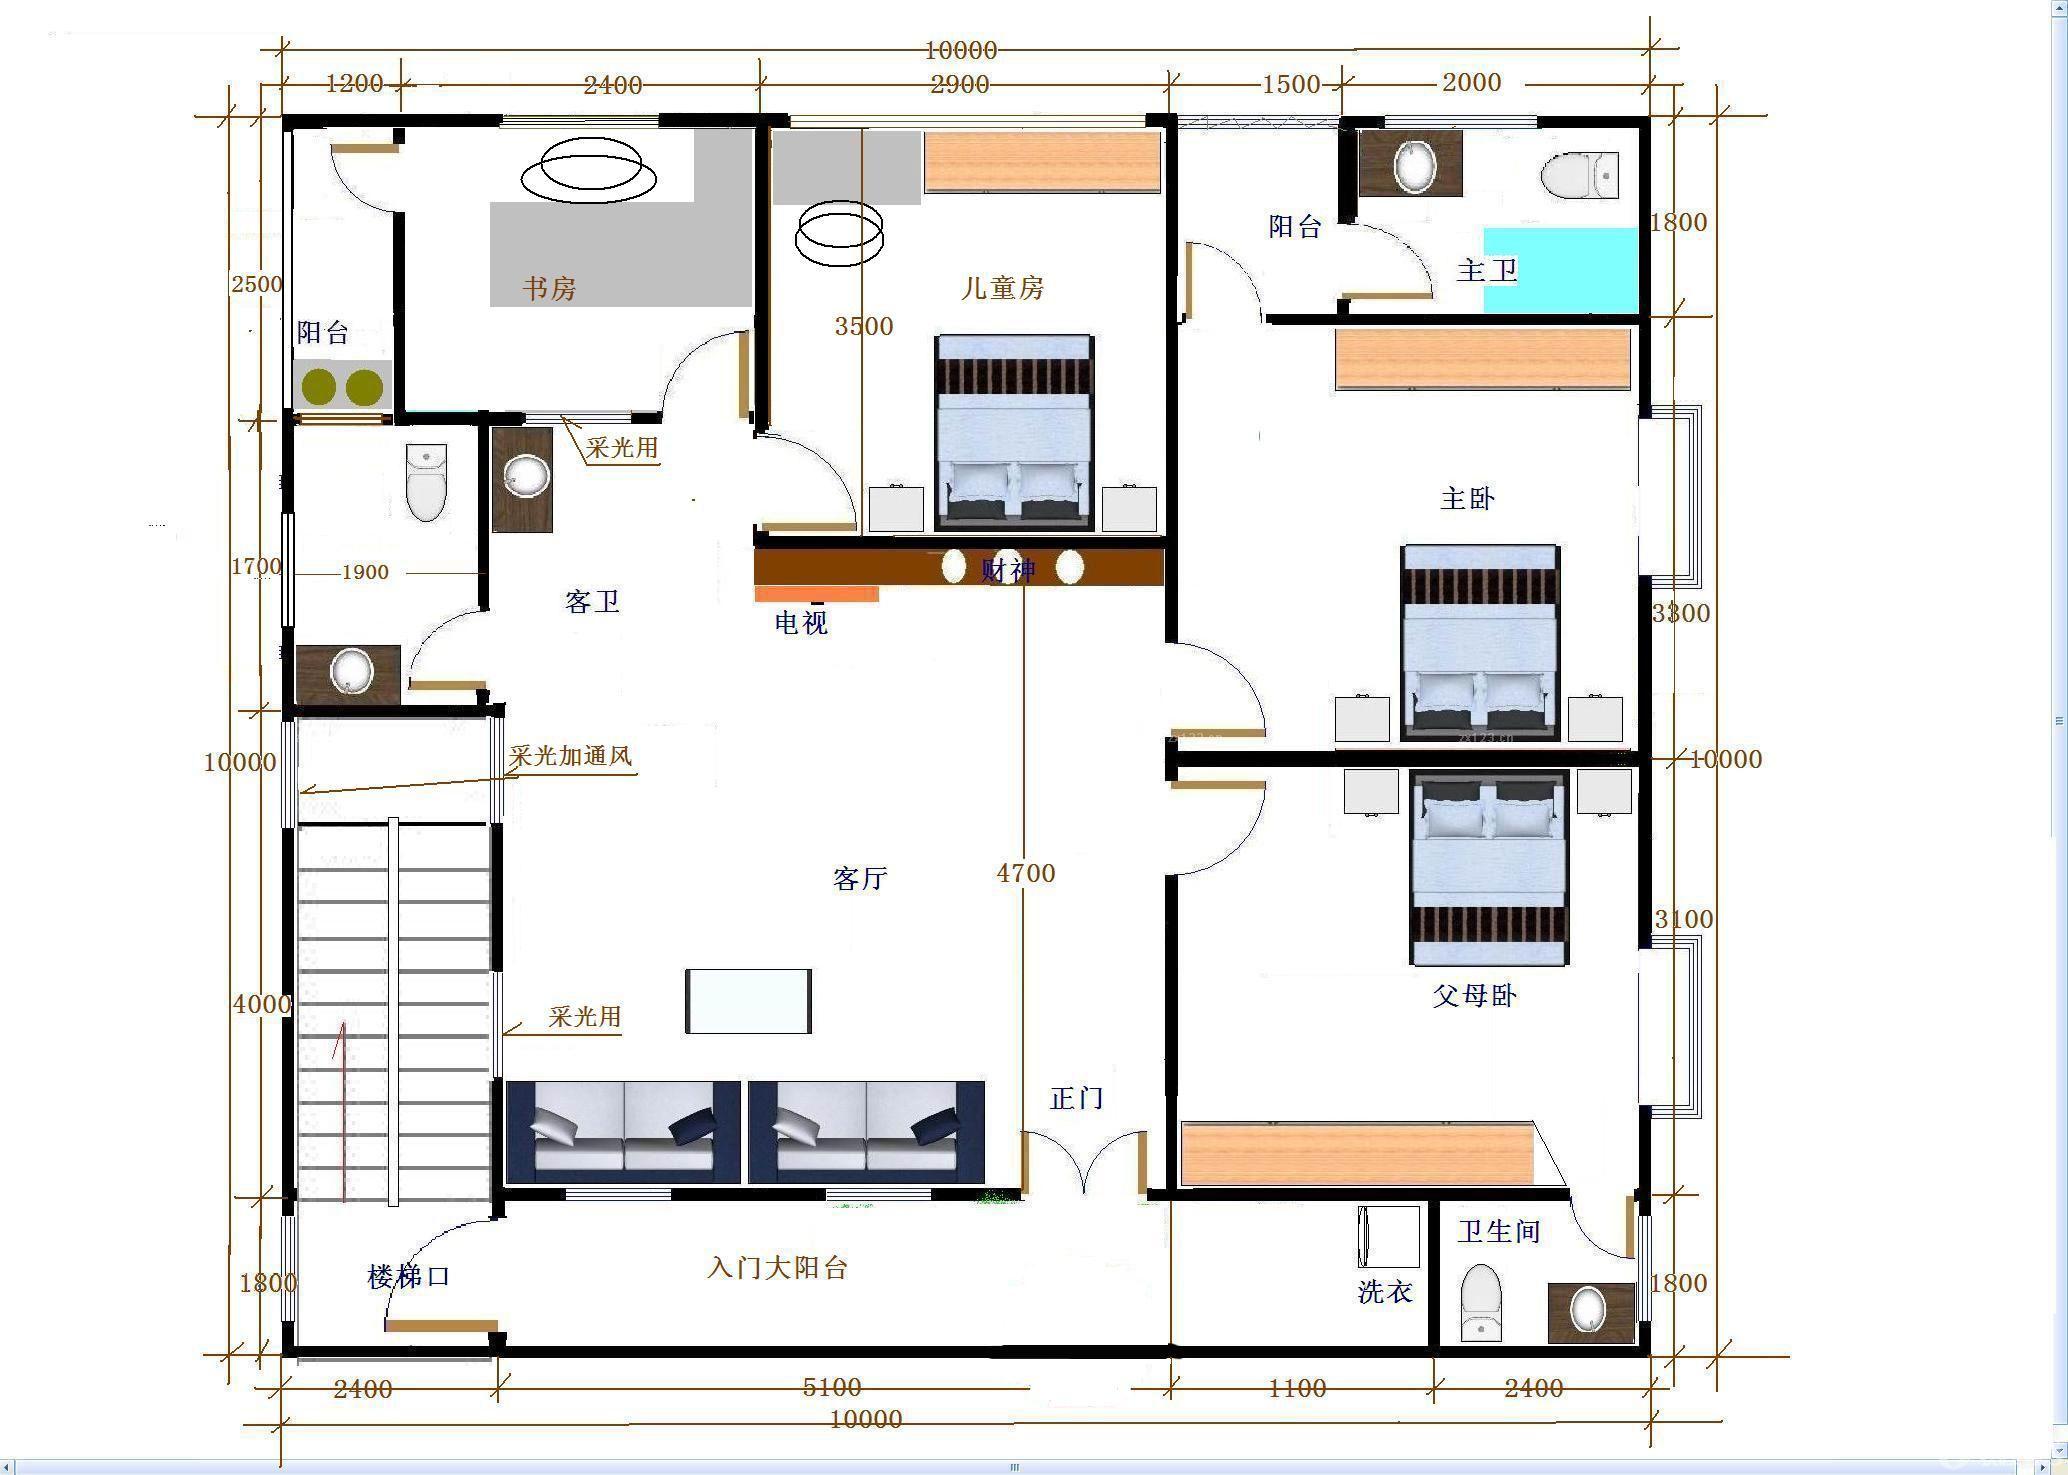 家装效果图 户型图 156平米房子农村自建房户型图大全 提供者:   ←